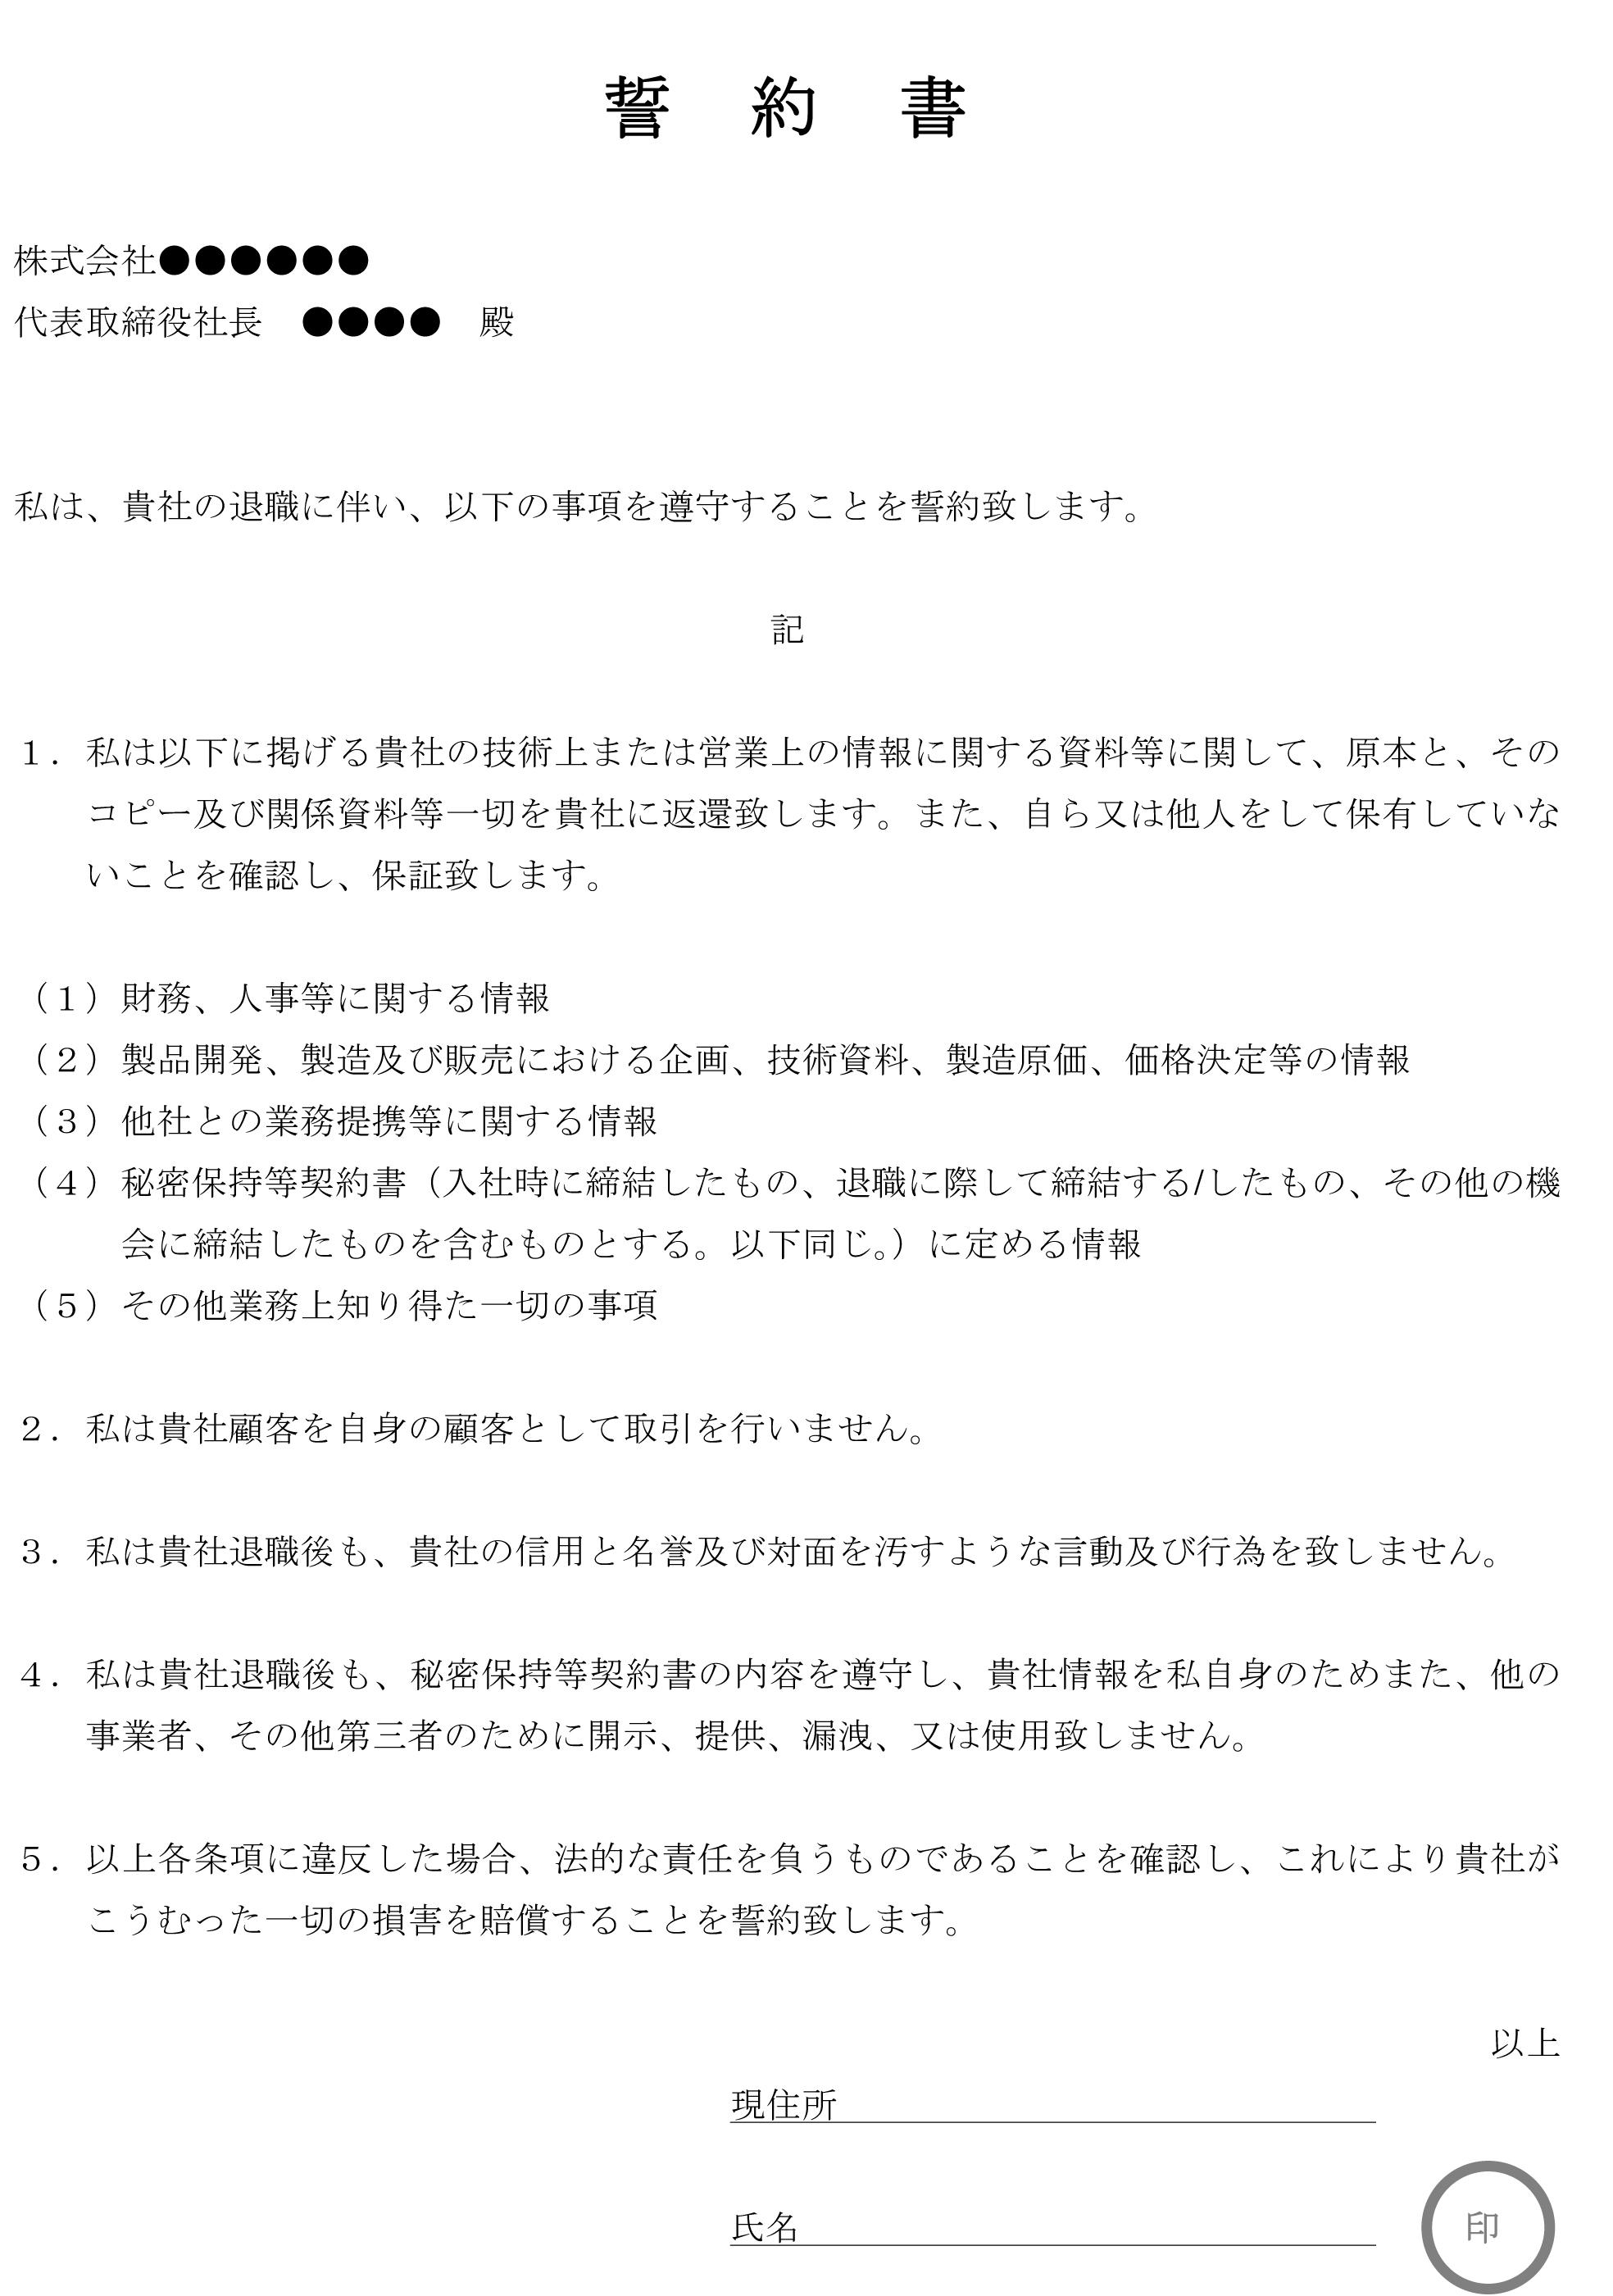 誓約書(退職時)01